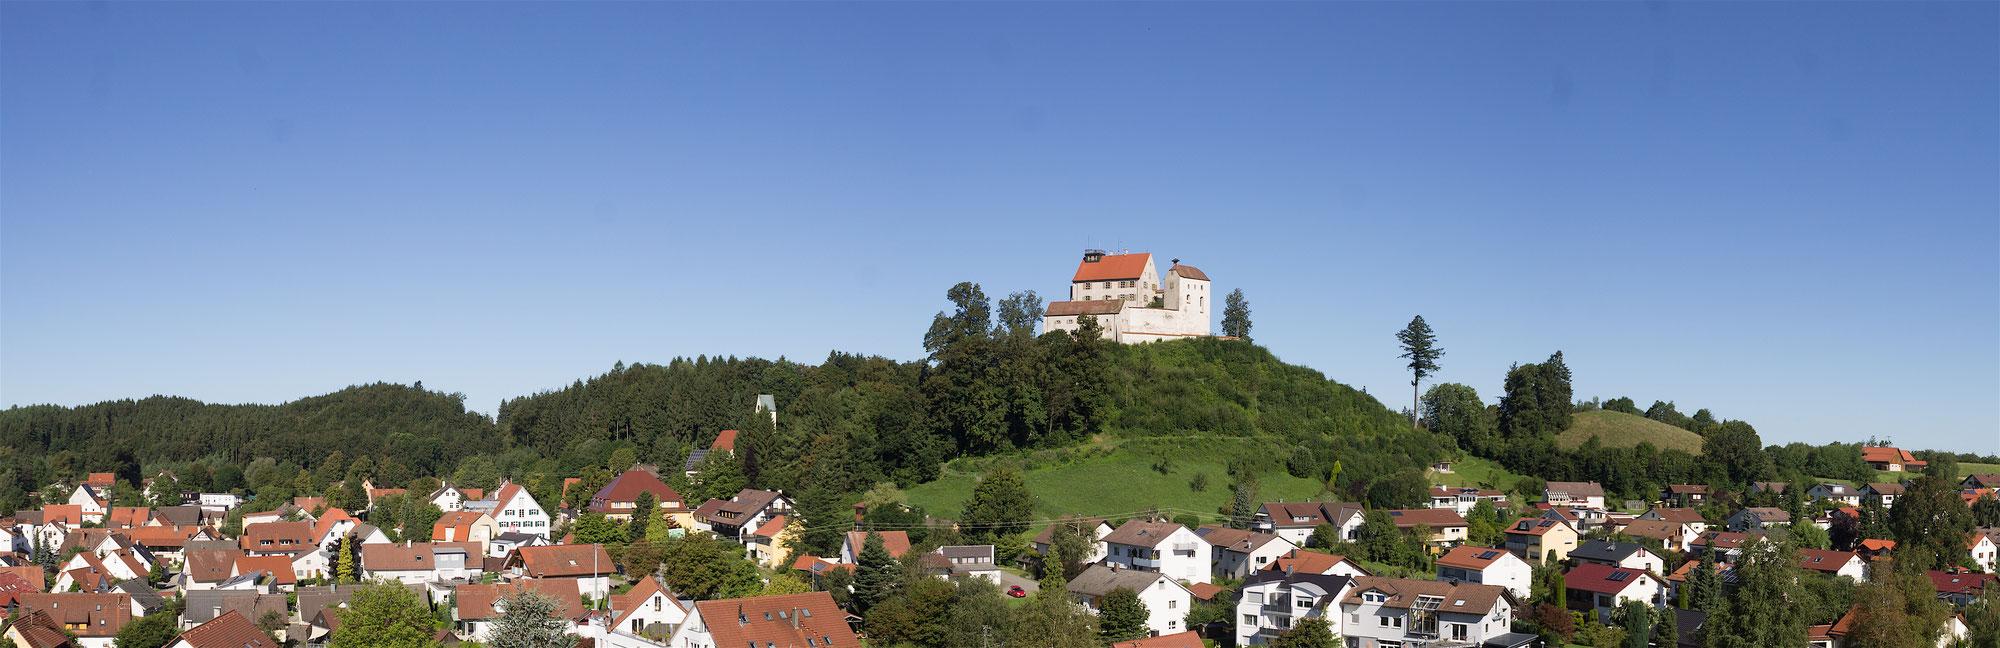 Binger Waldburg